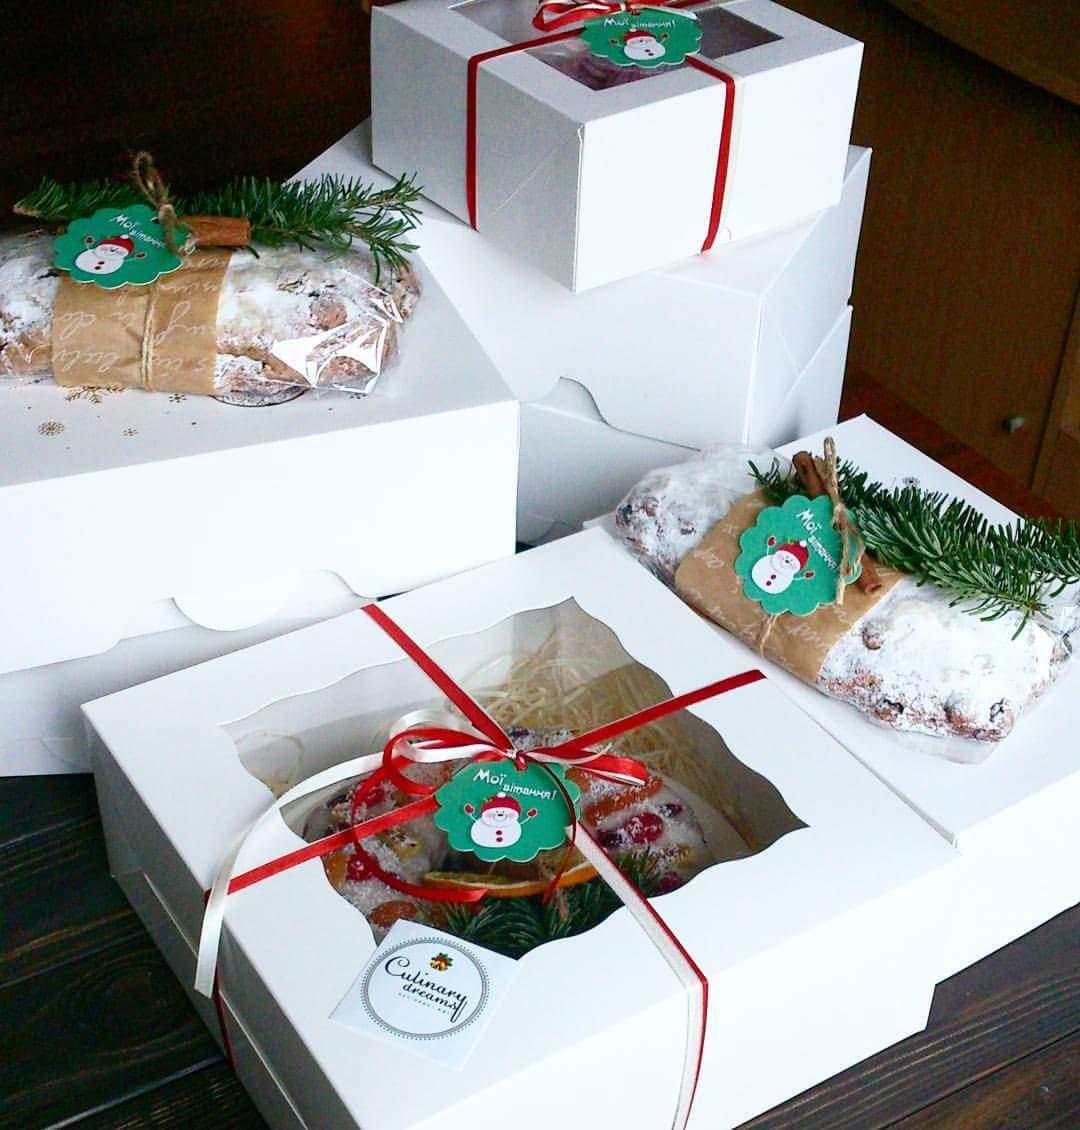 Солодкі подарунки дітям та дорослим замовити в Києві